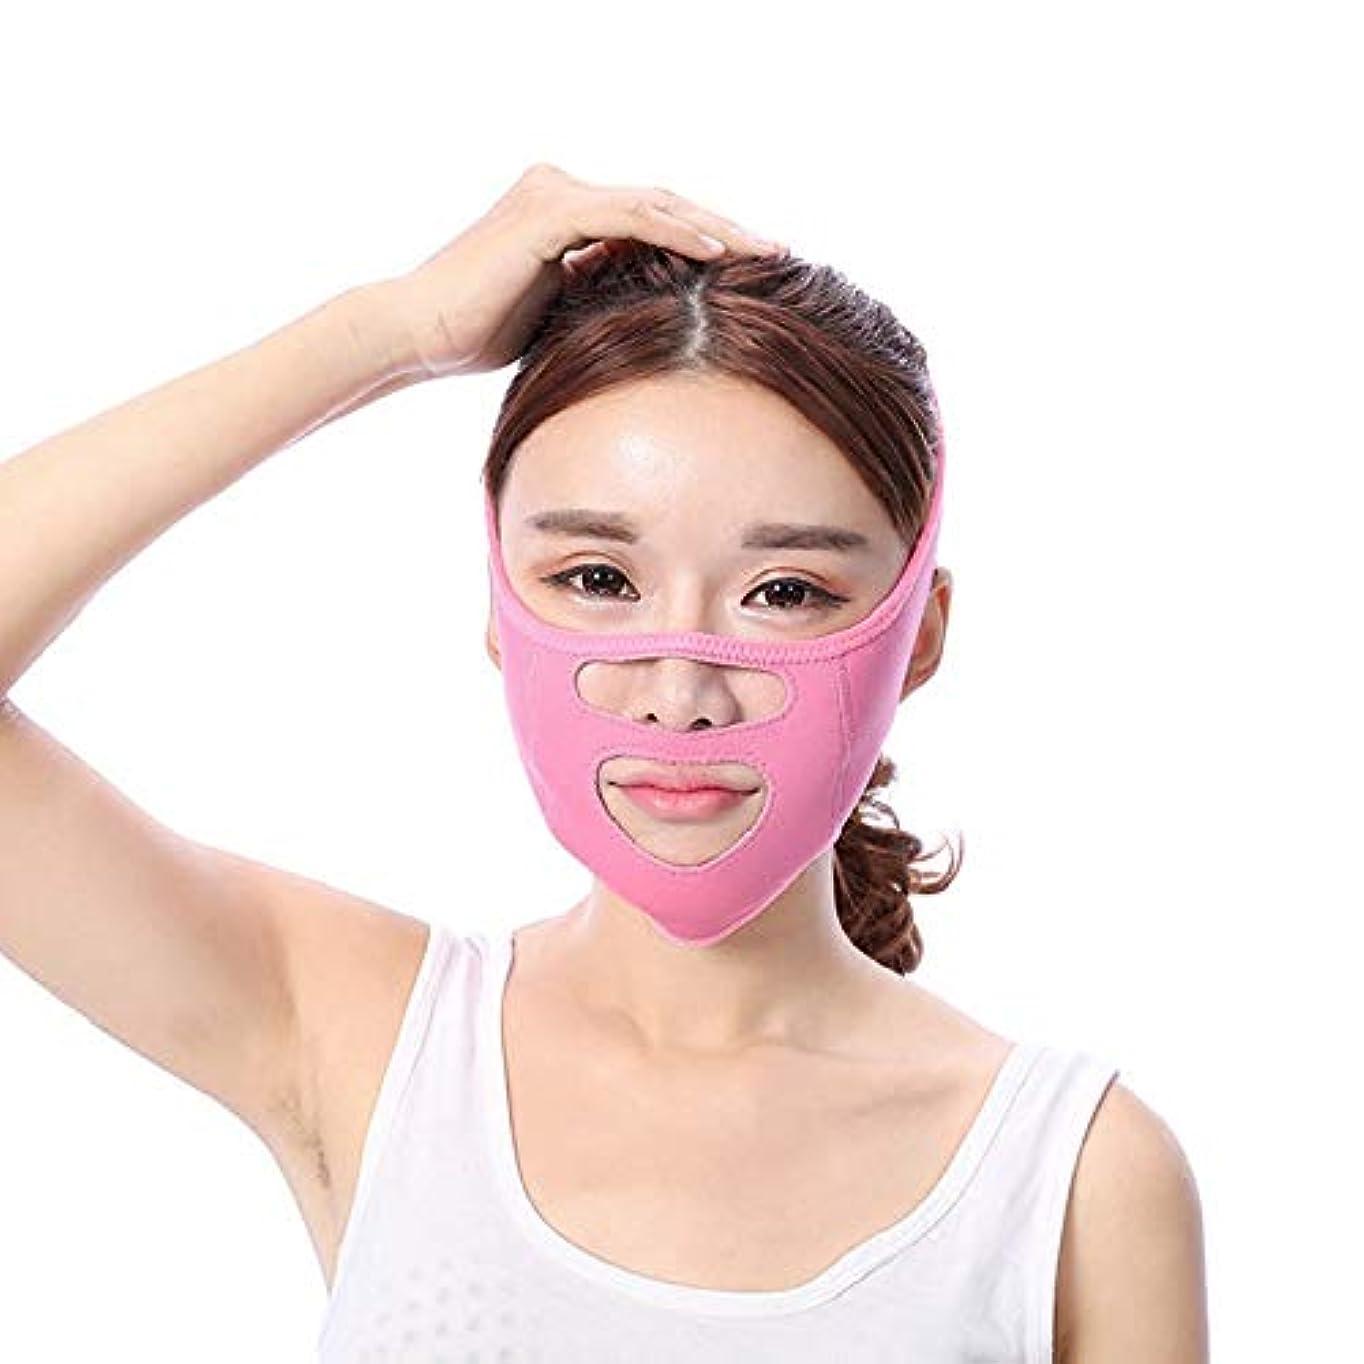 直径口ひげパキスタンフェイスリフトベルトフェイスバンデージ美容機器リフティングファインディングダブルチン法令Vマスク睡眠マスク通気性